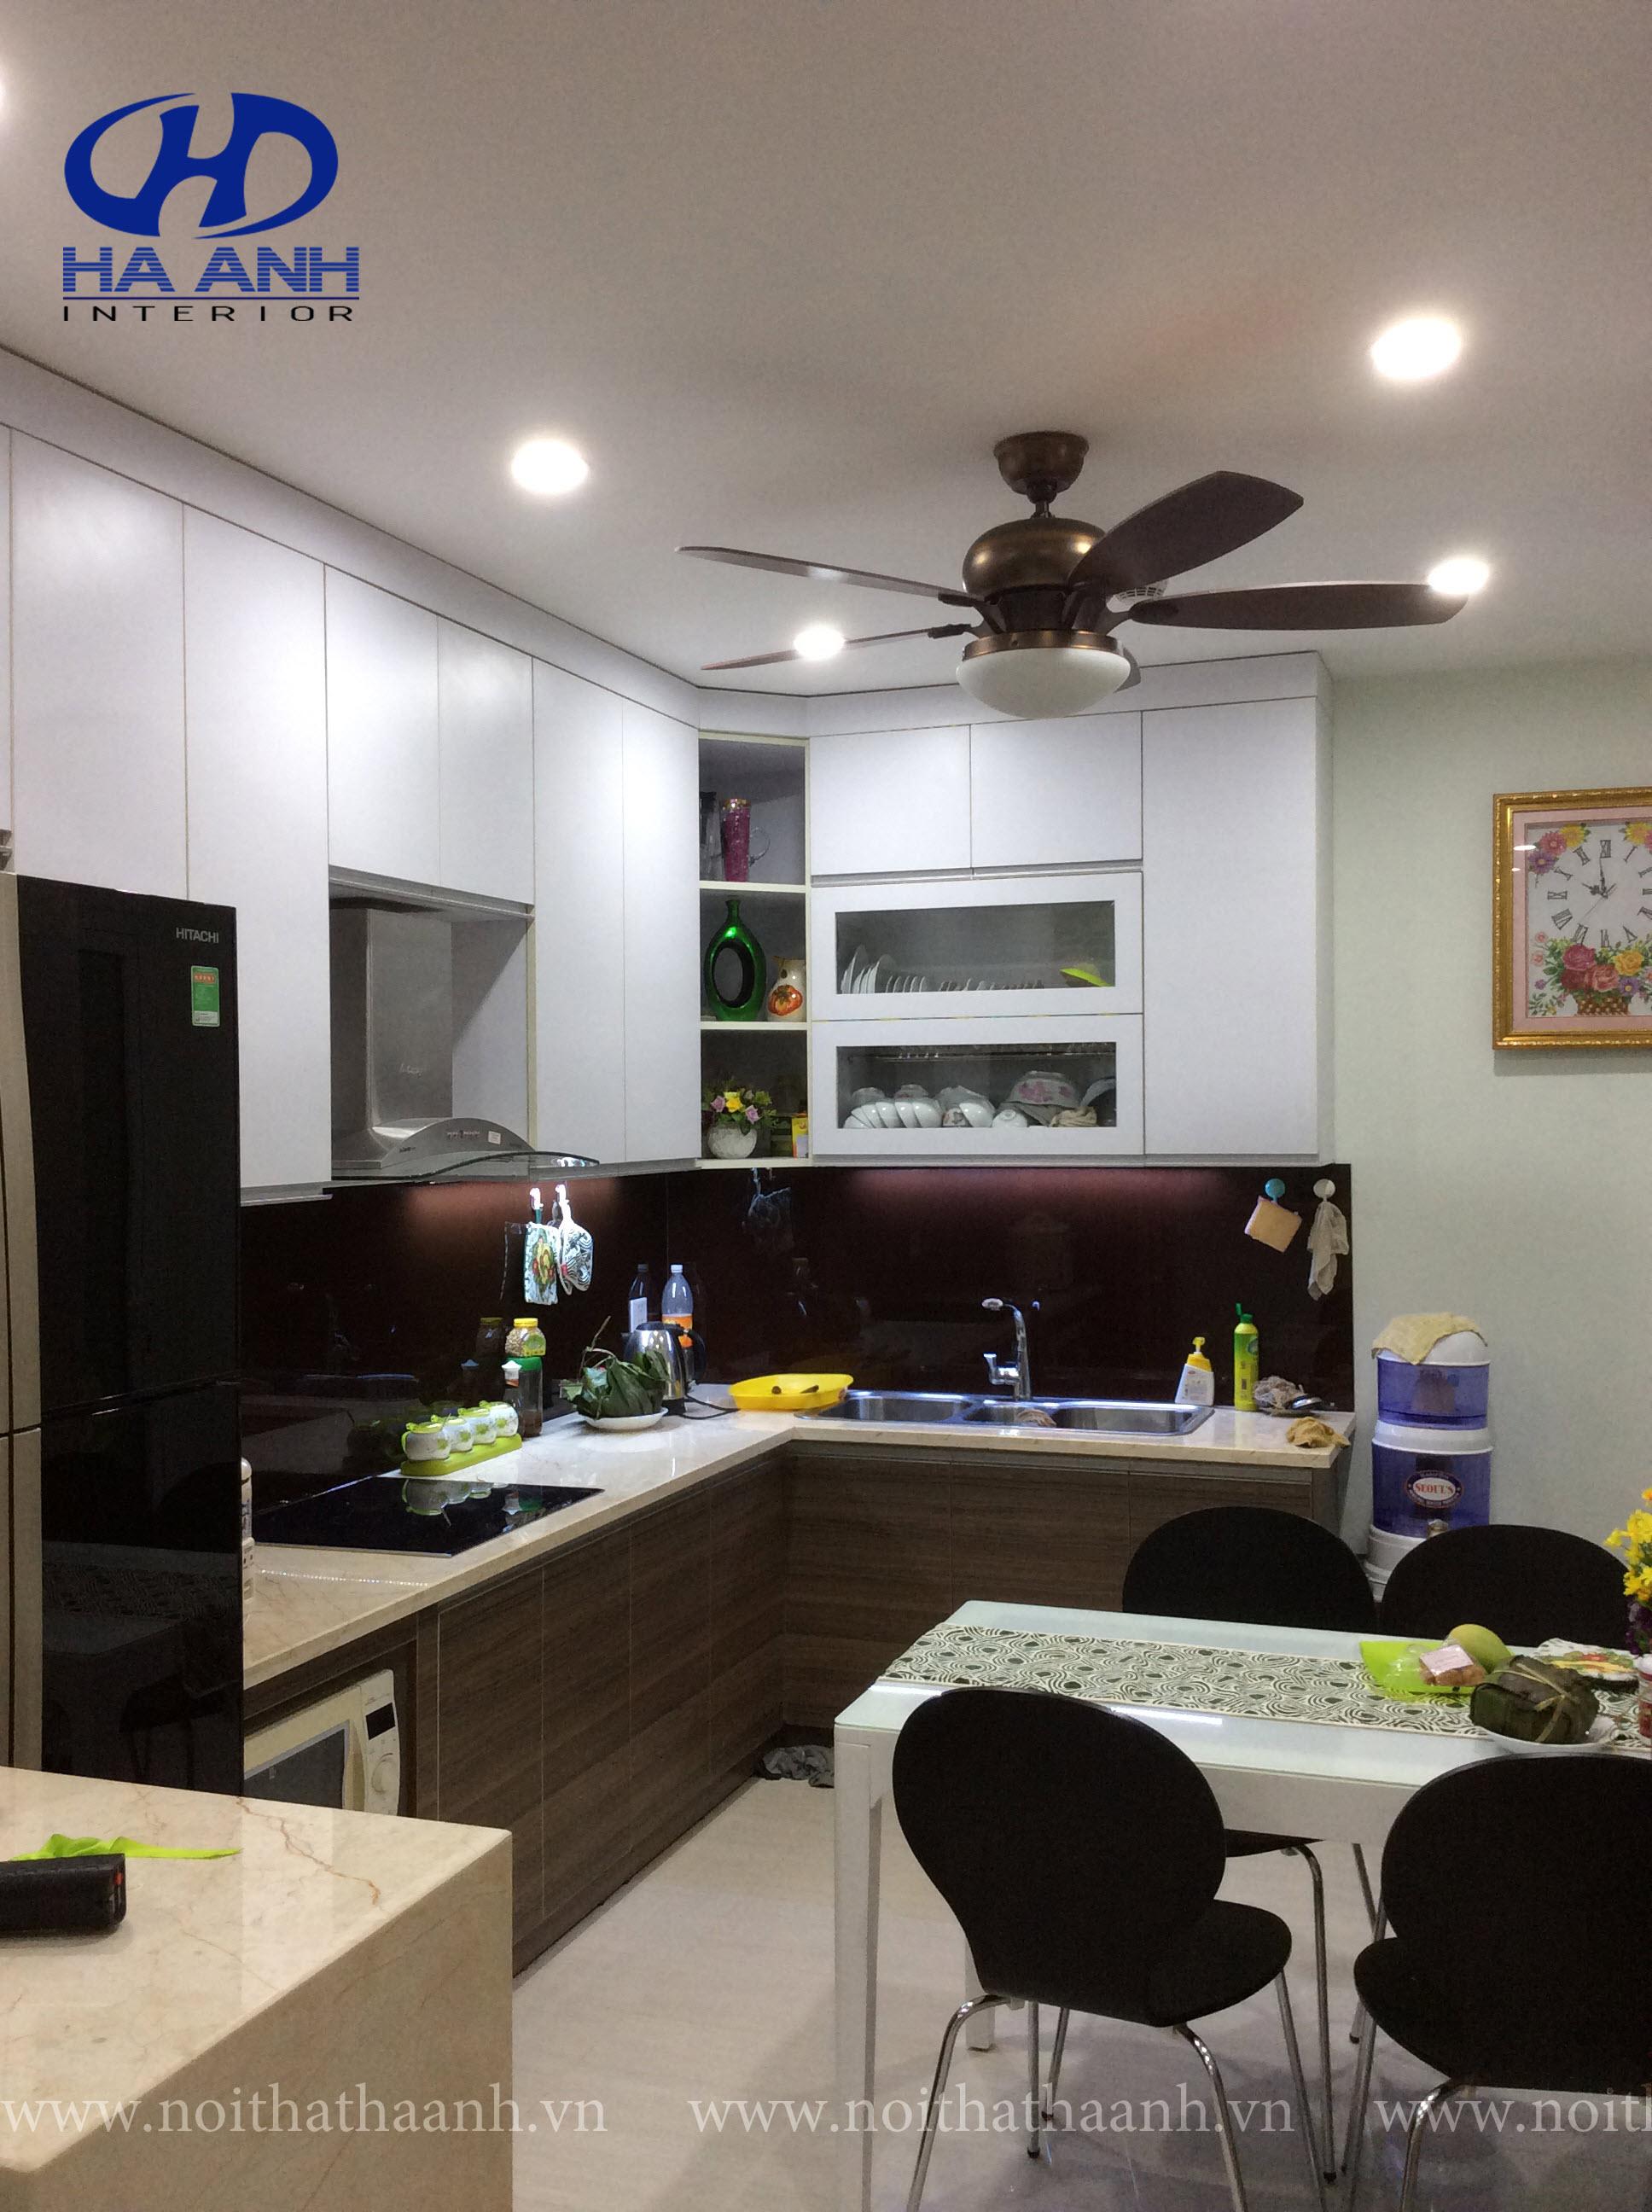 Tủ bếp Laminate lựa chọn tối ưu cho những bà nội trợ